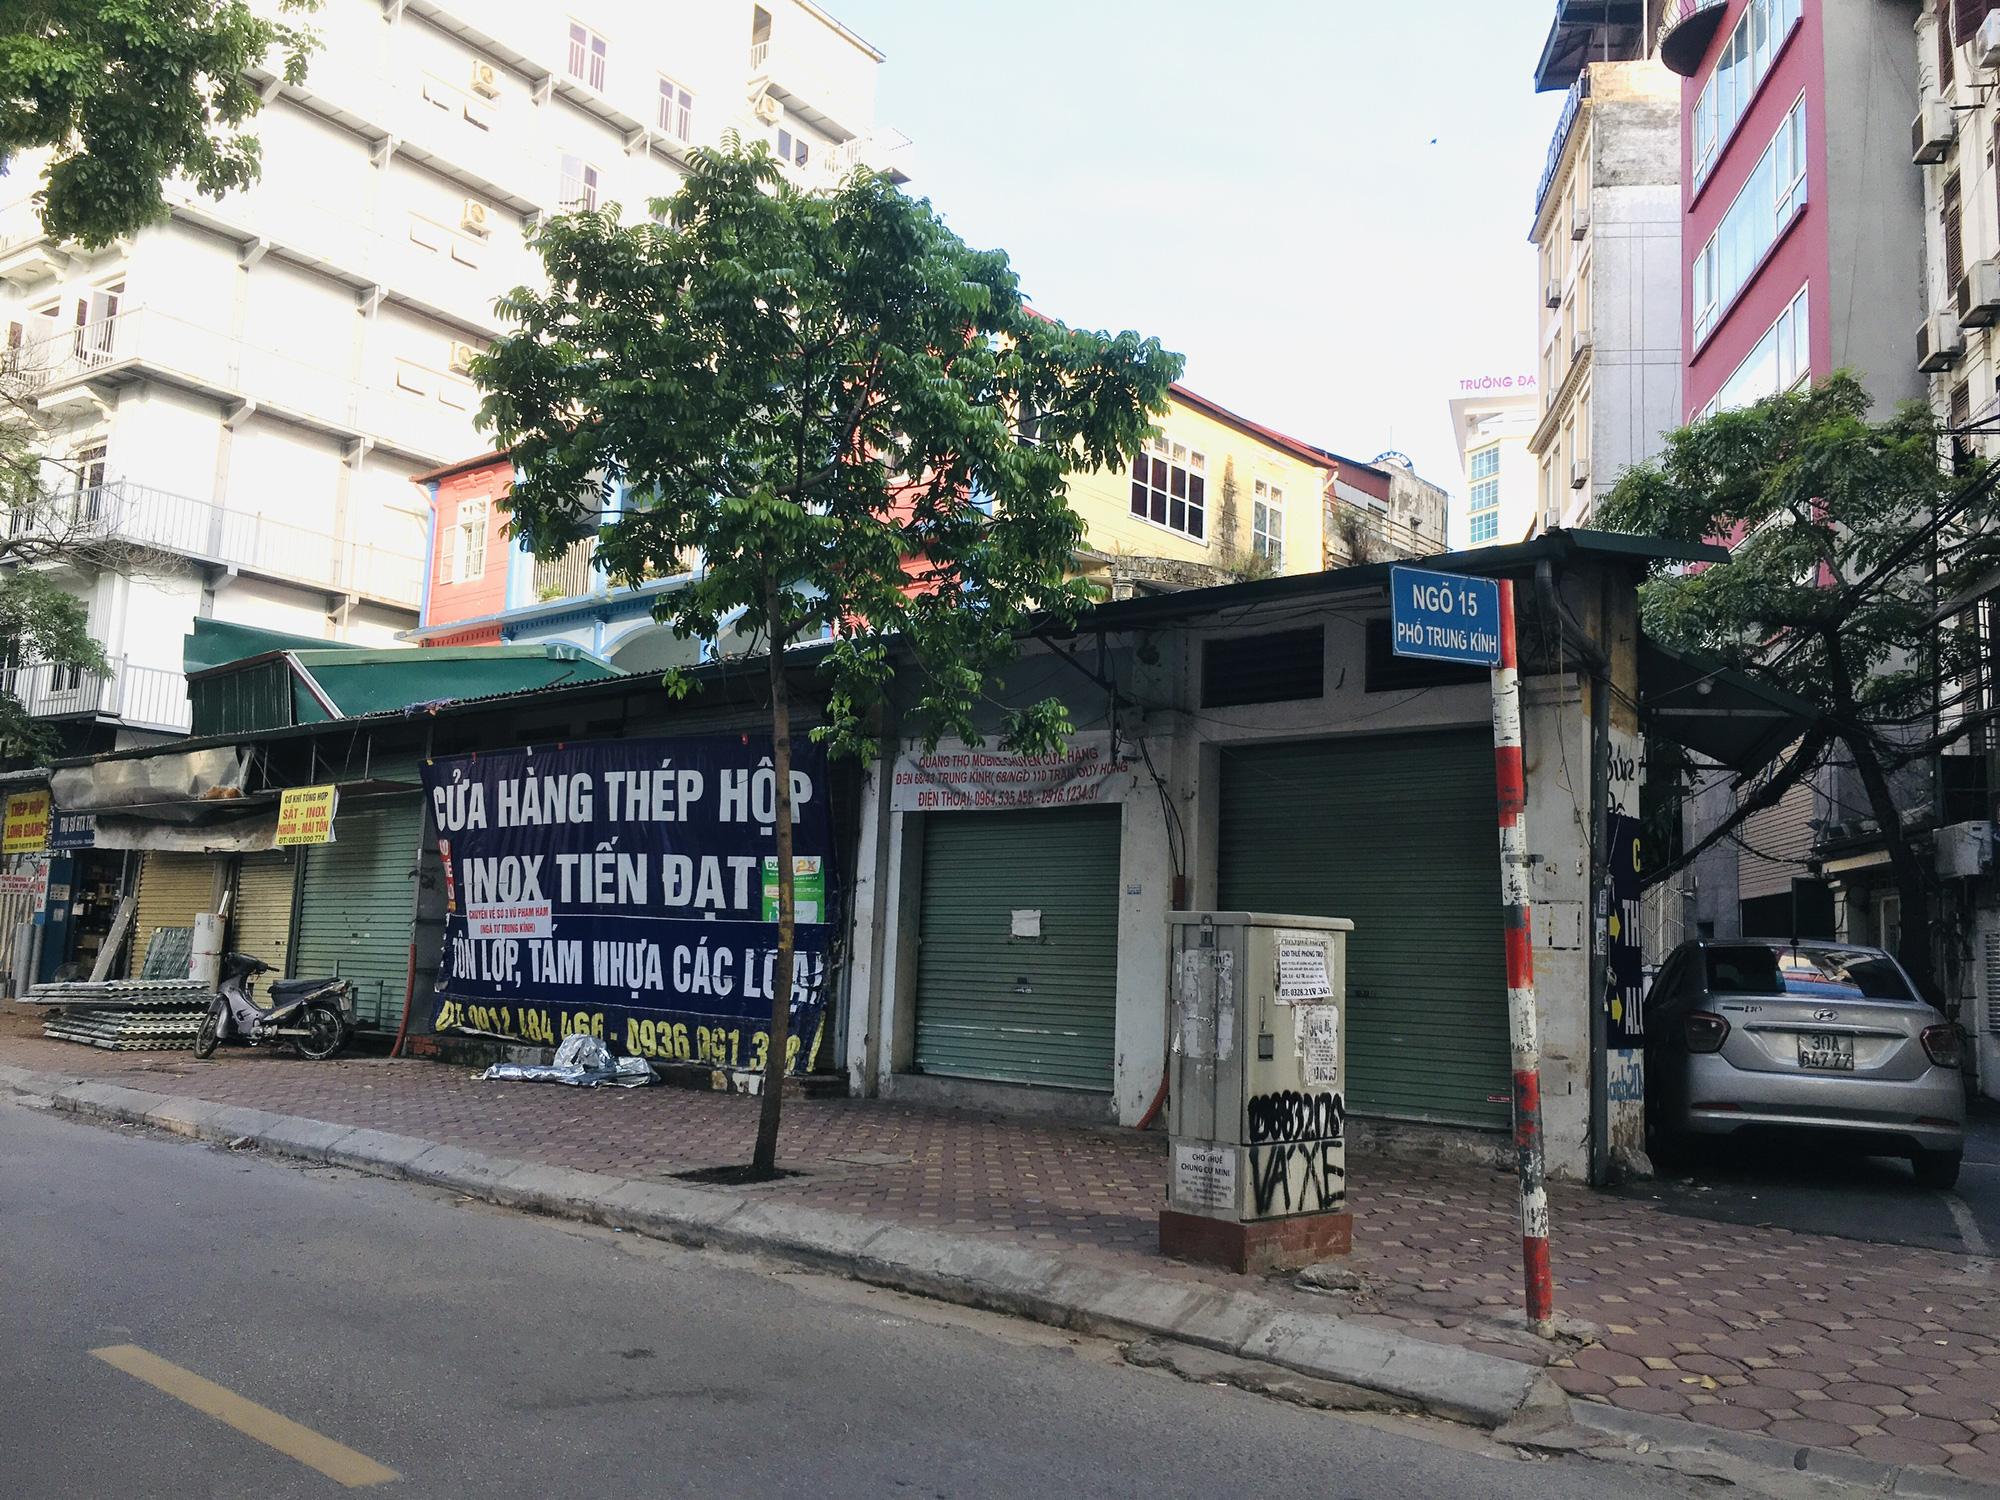 Những khu dính quy hoạch phường Trung Hòa, Cầu Giấy, Hà Nội (phần 2) - Ảnh 6.